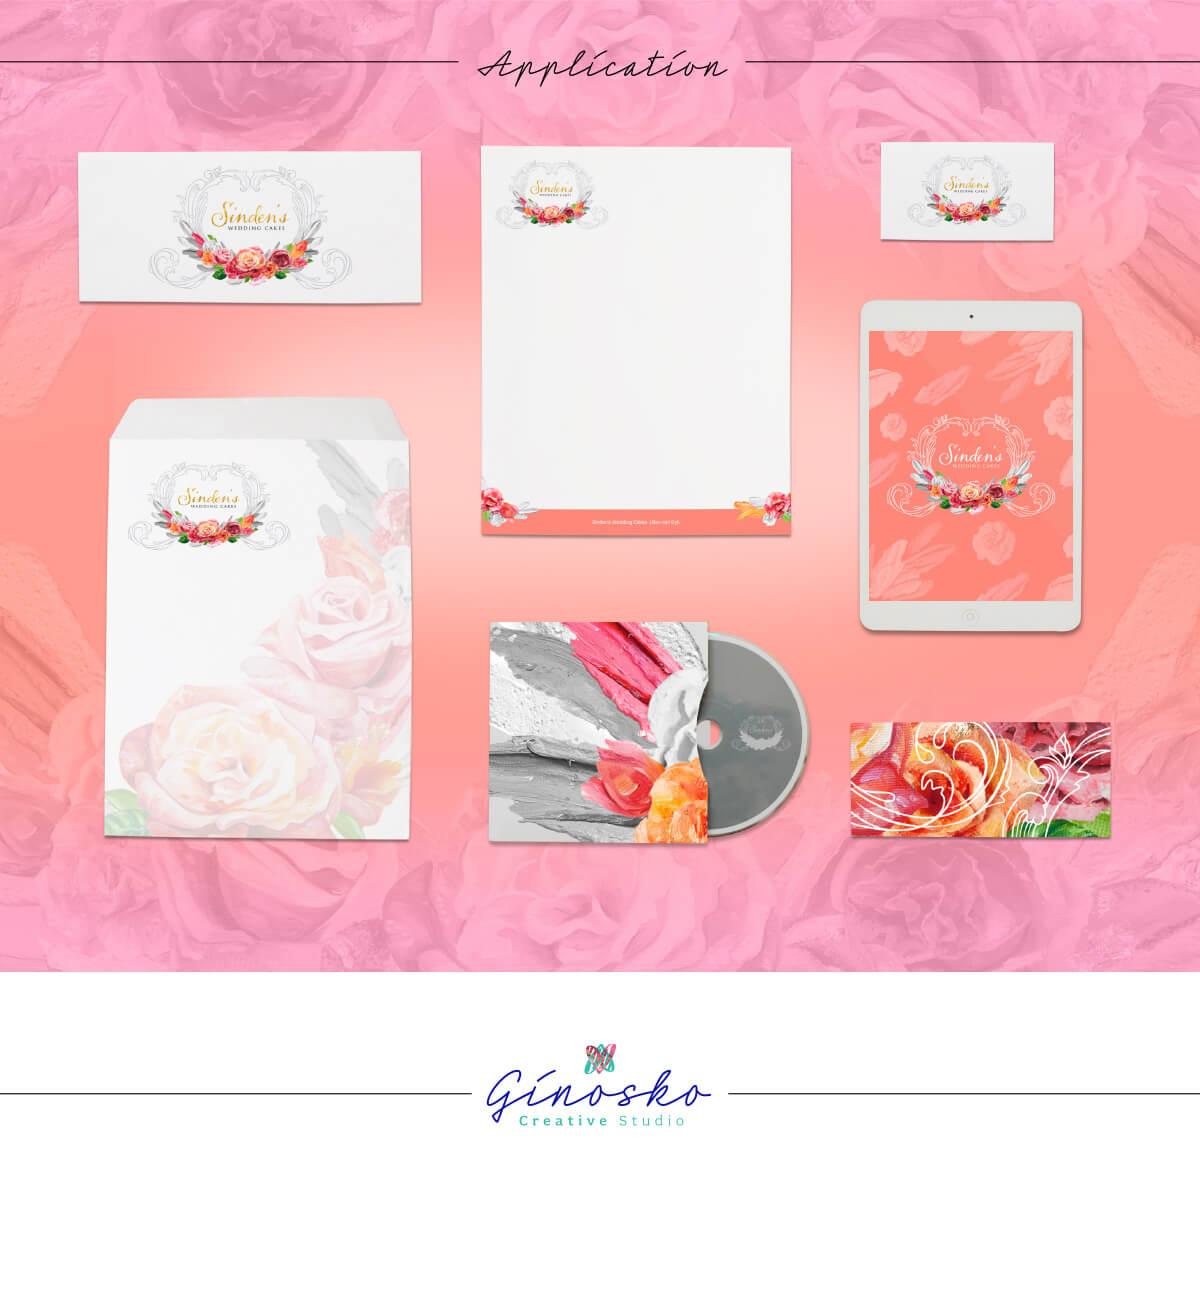 Ginosko Creative Studio - Branding with Heart - Parys Free State